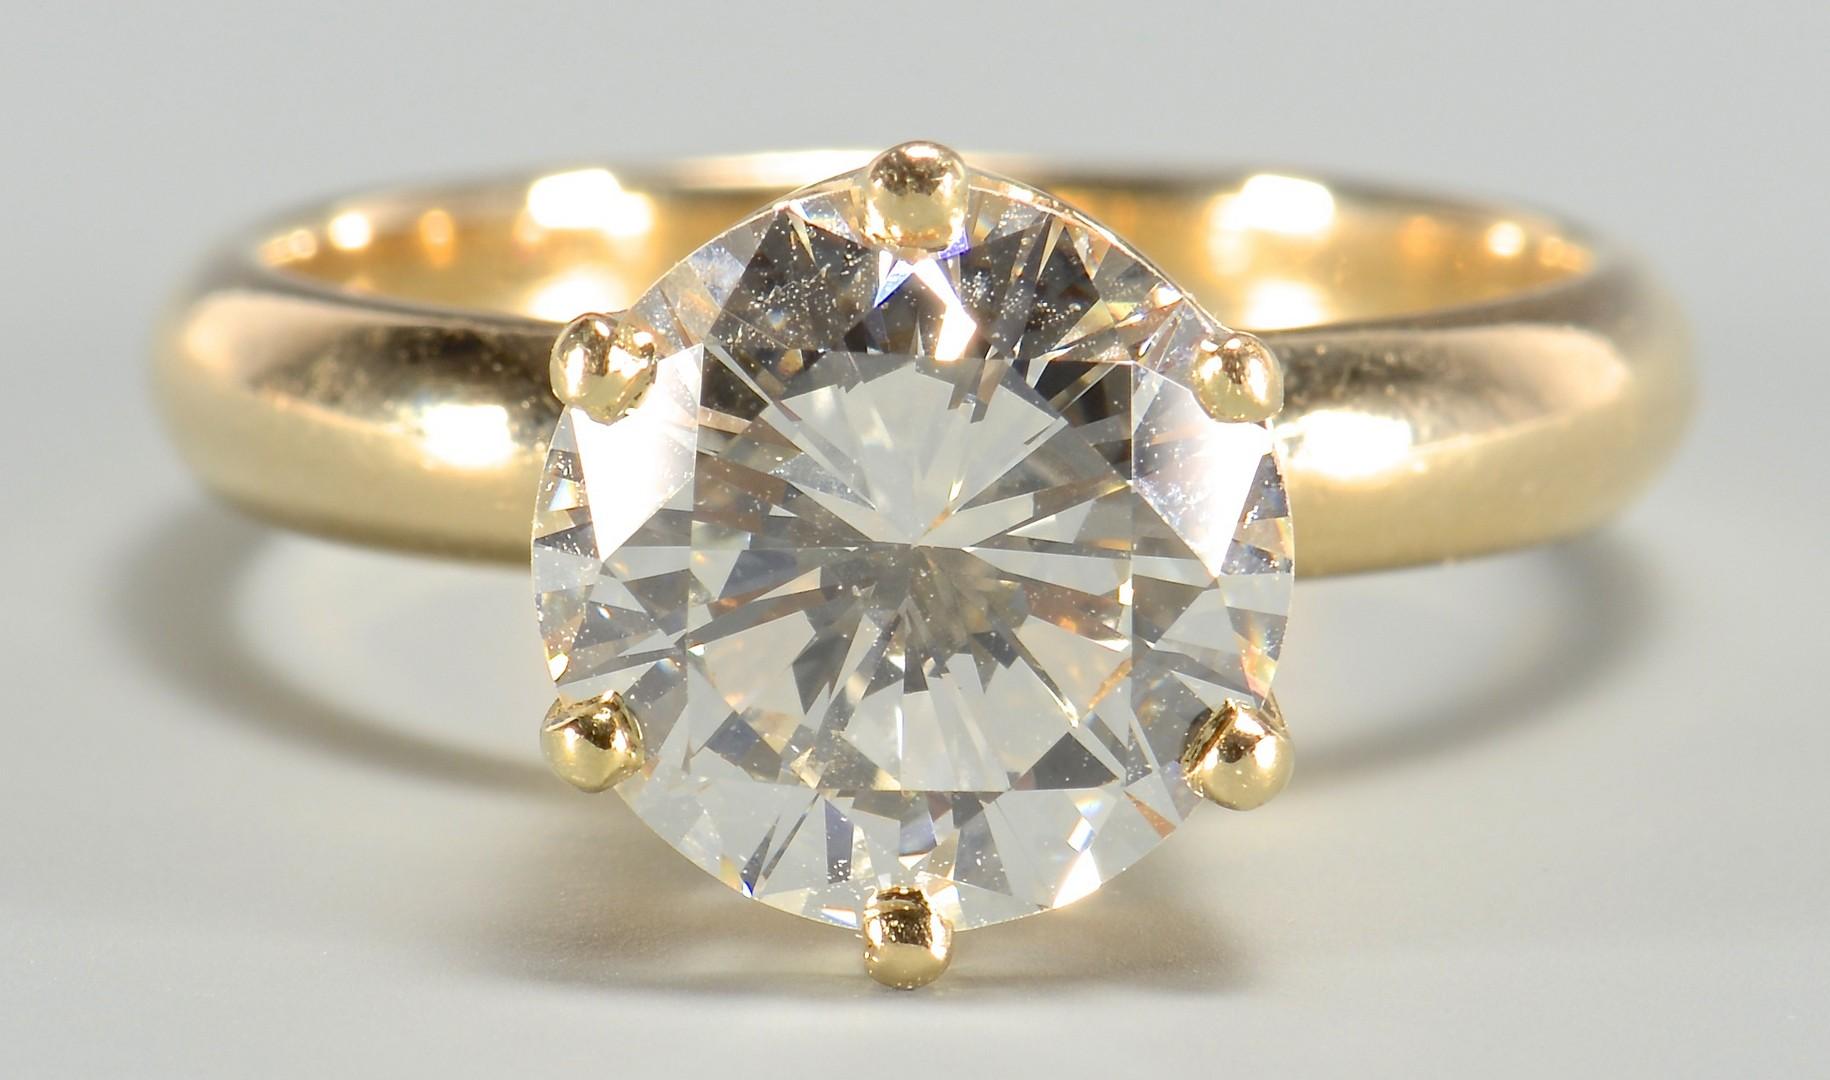 Lot 99: 3.10 round diamond, GIA cert., 14k